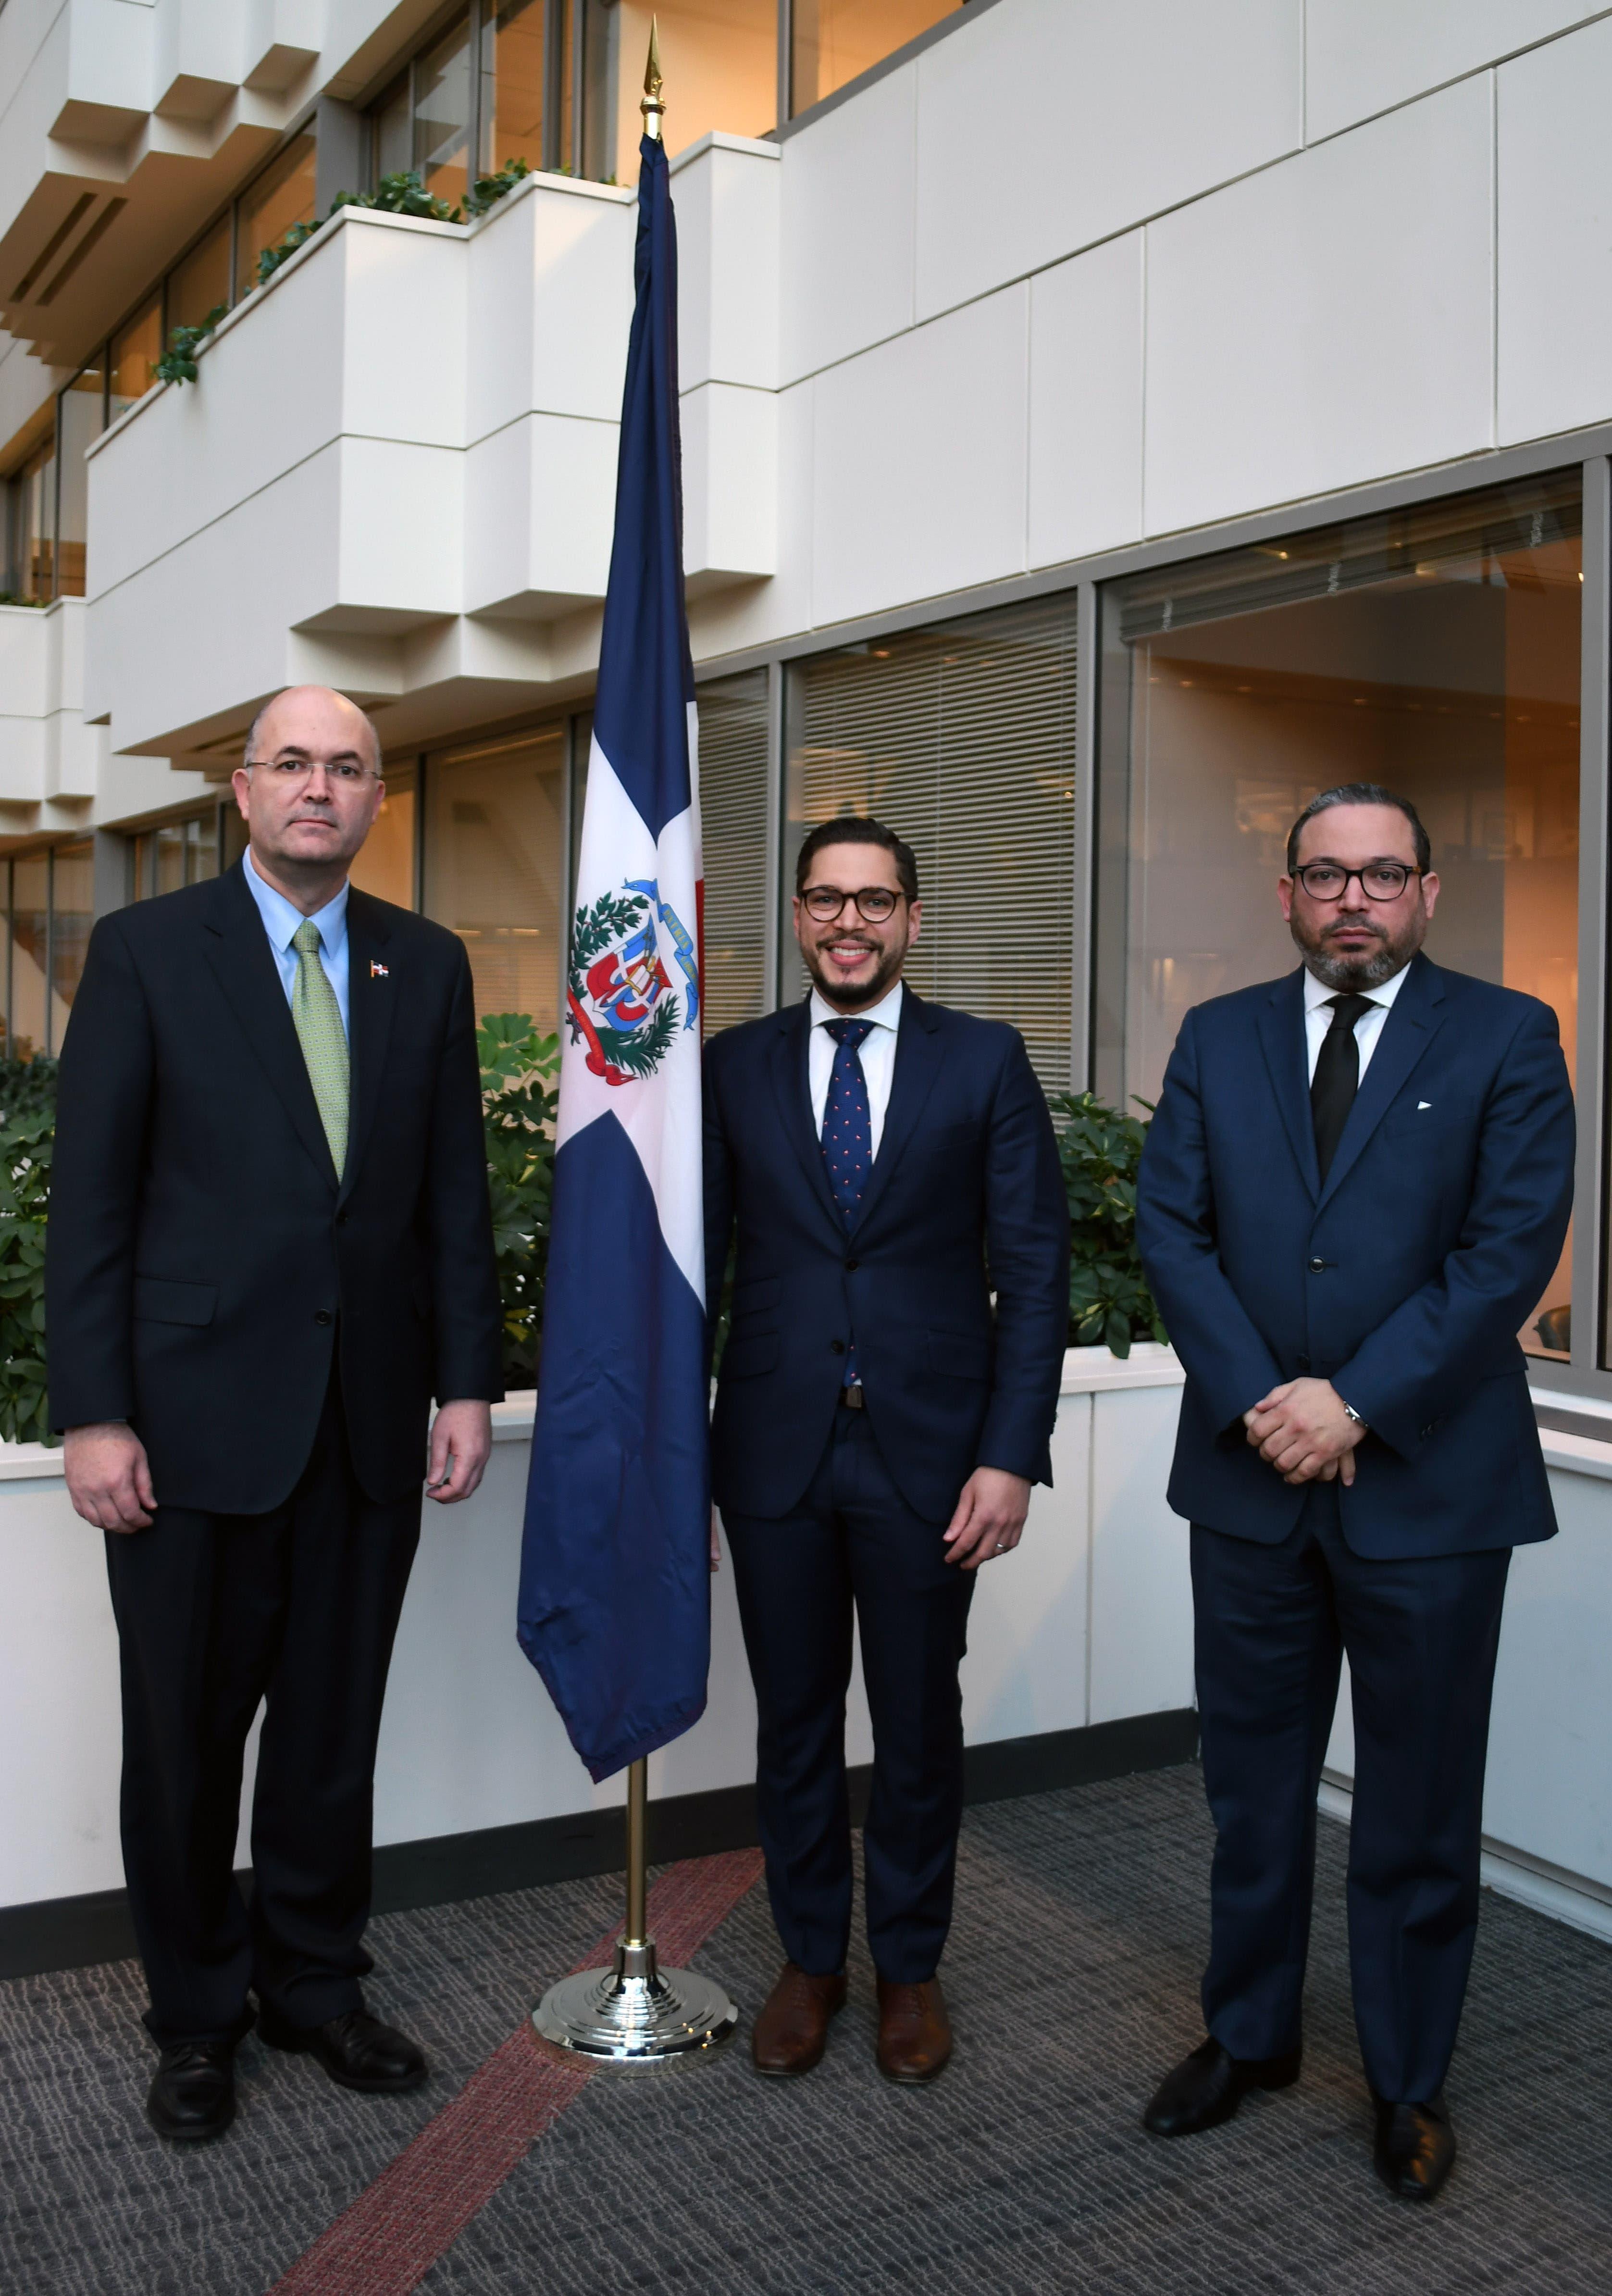 José Luis Domínguez, ministro consejero_ Carlos Pared Vidal, DIrector Ejecutivo de RD ante el BID_ Edward Pérez, embajador alterno ante la Organización de Estados Americanos.